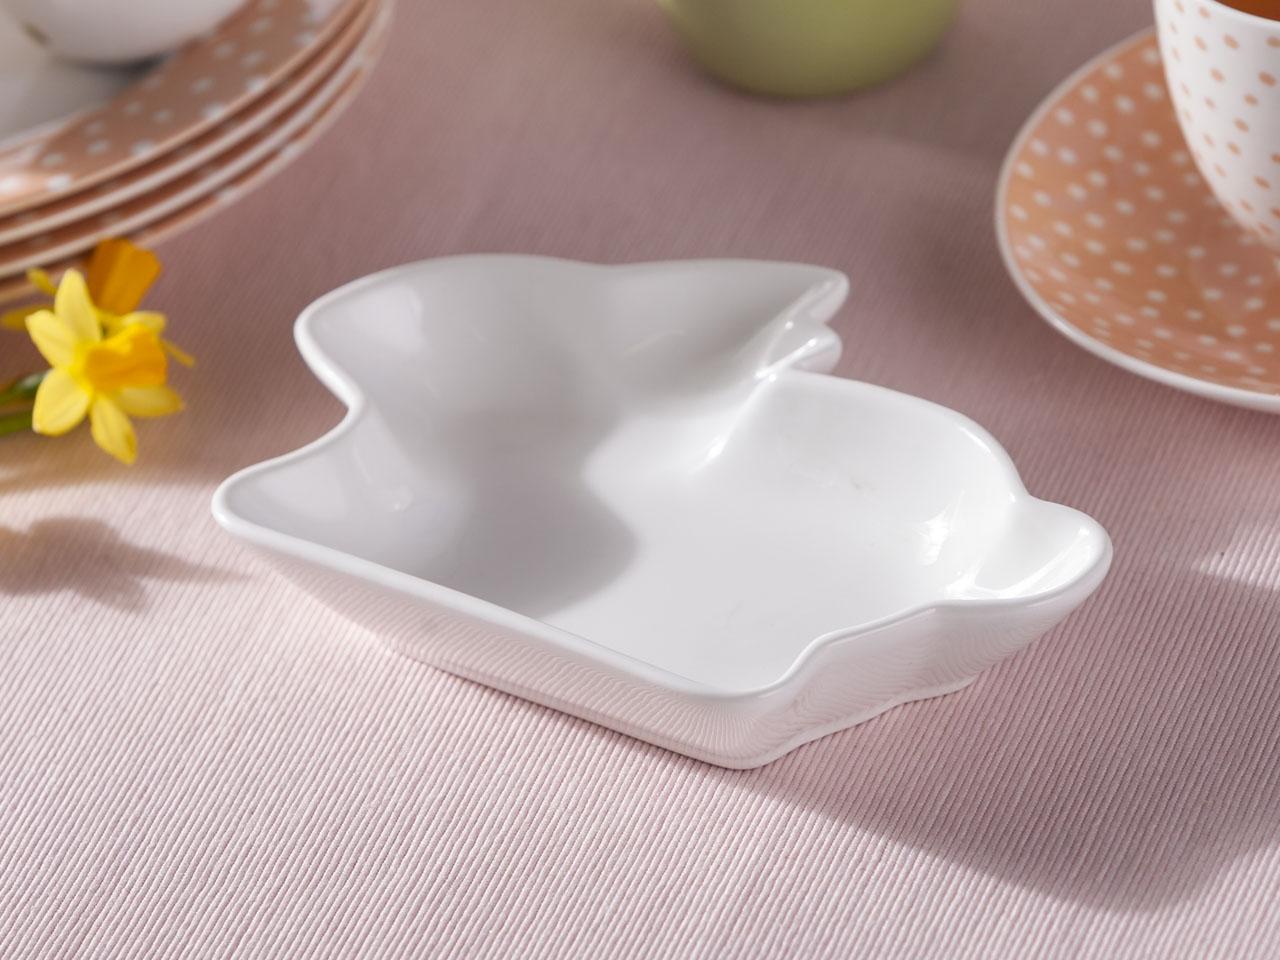 Półmisek / Naczynie zajączek porcelanowe Wielkanoc Altom Design